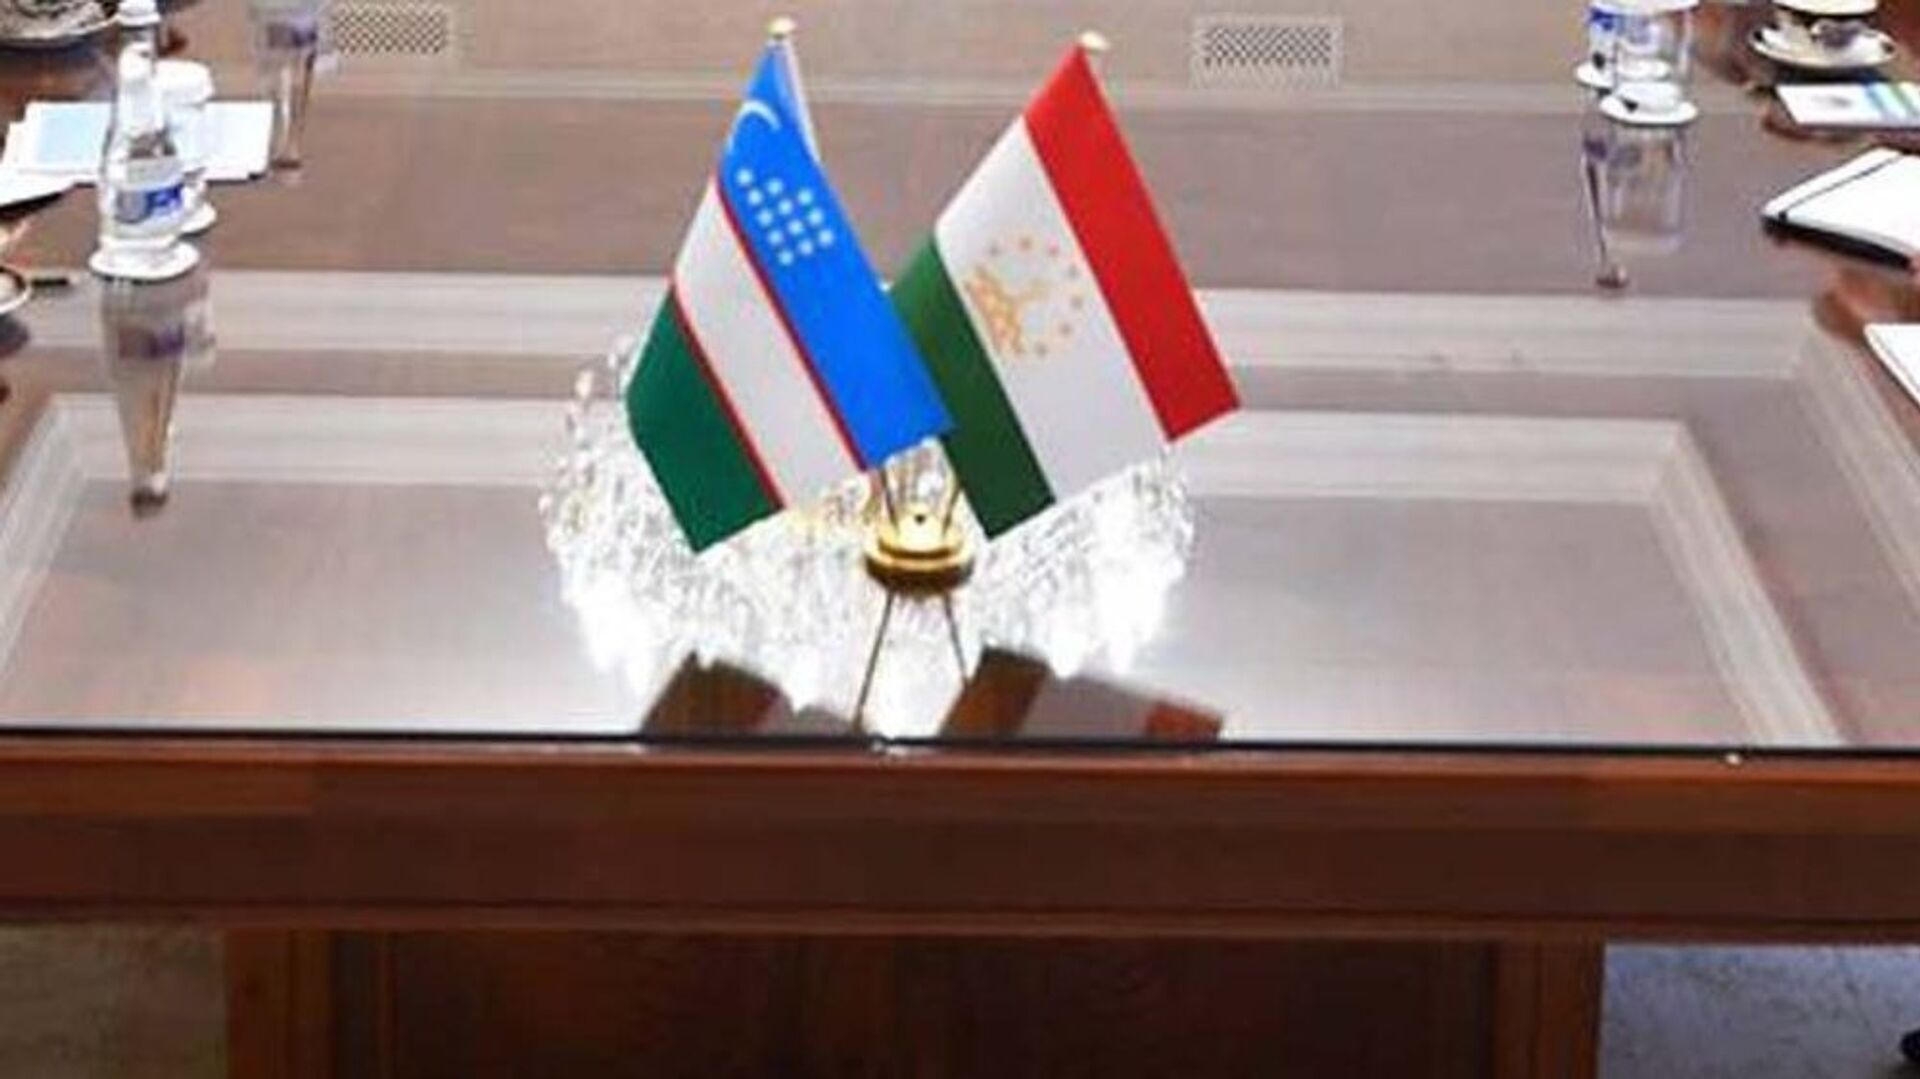 Флаги Узбекистана и Таджикистана - Sputnik Узбекистан, 1920, 26.02.2021